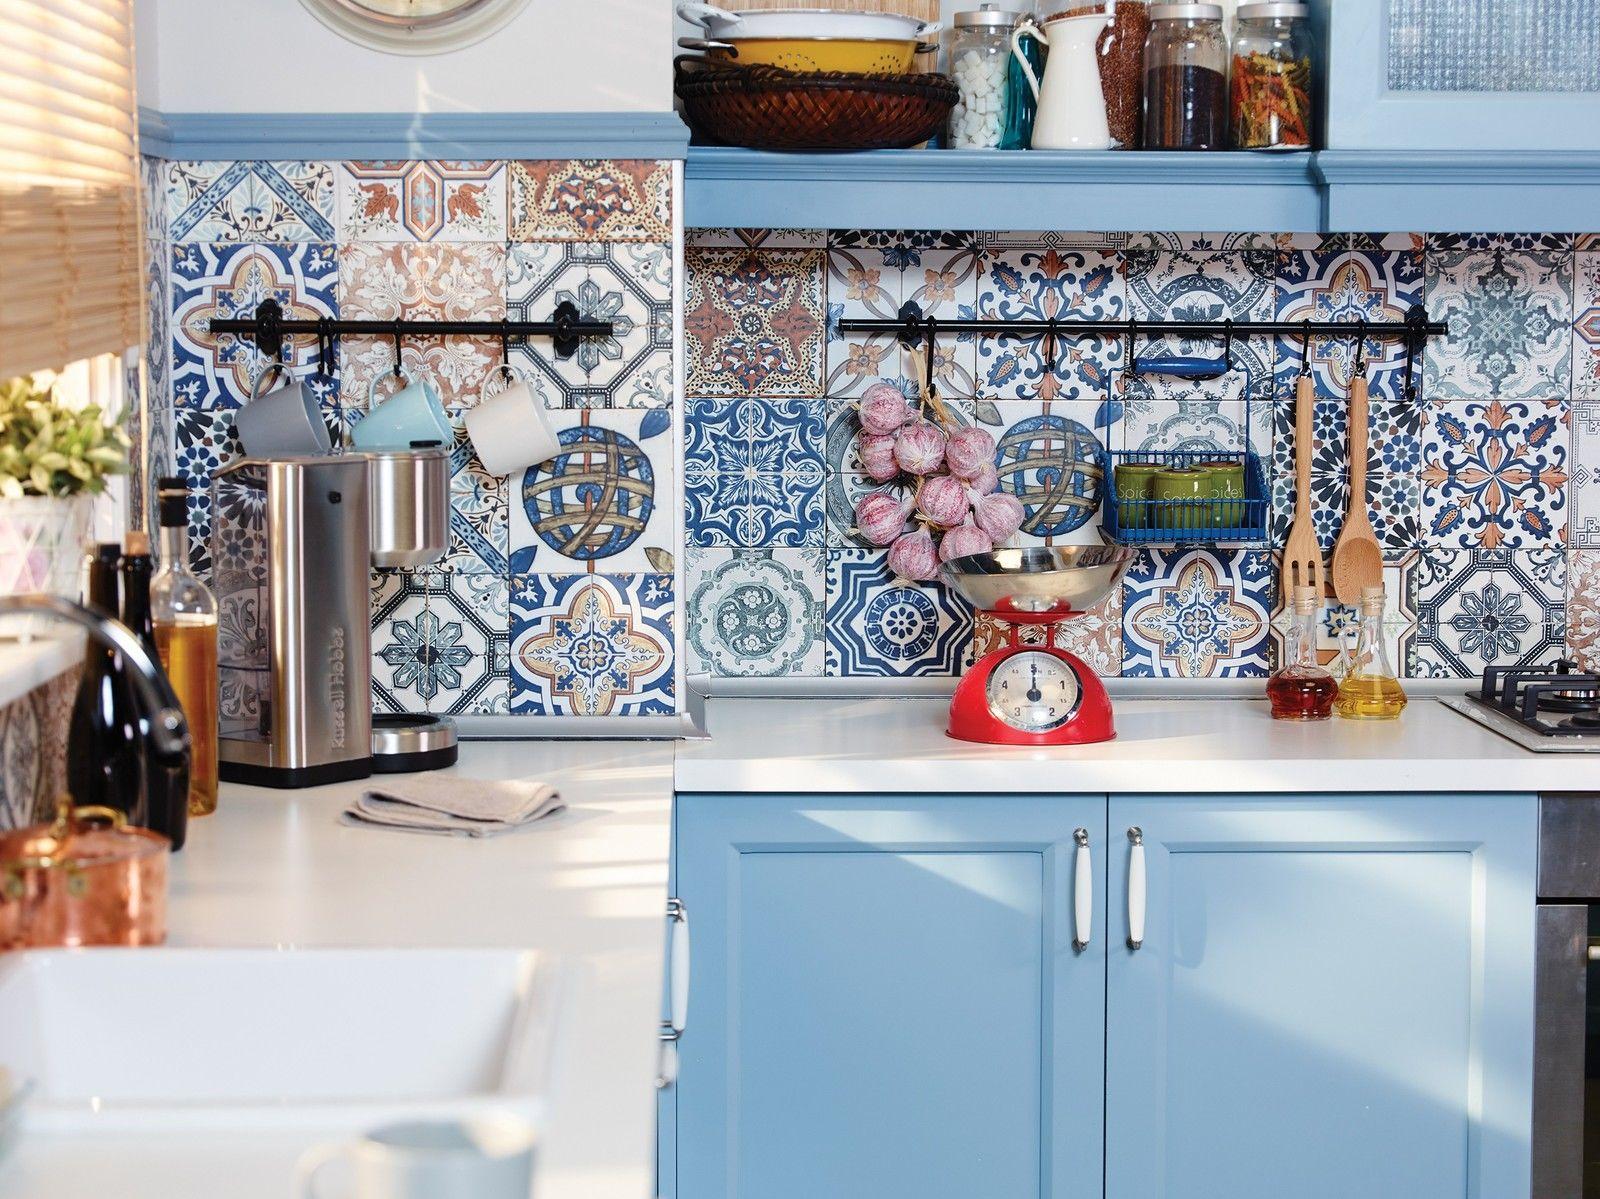 keuken tegels decoratie : Nl Funvit Com Keuken Met Tegels